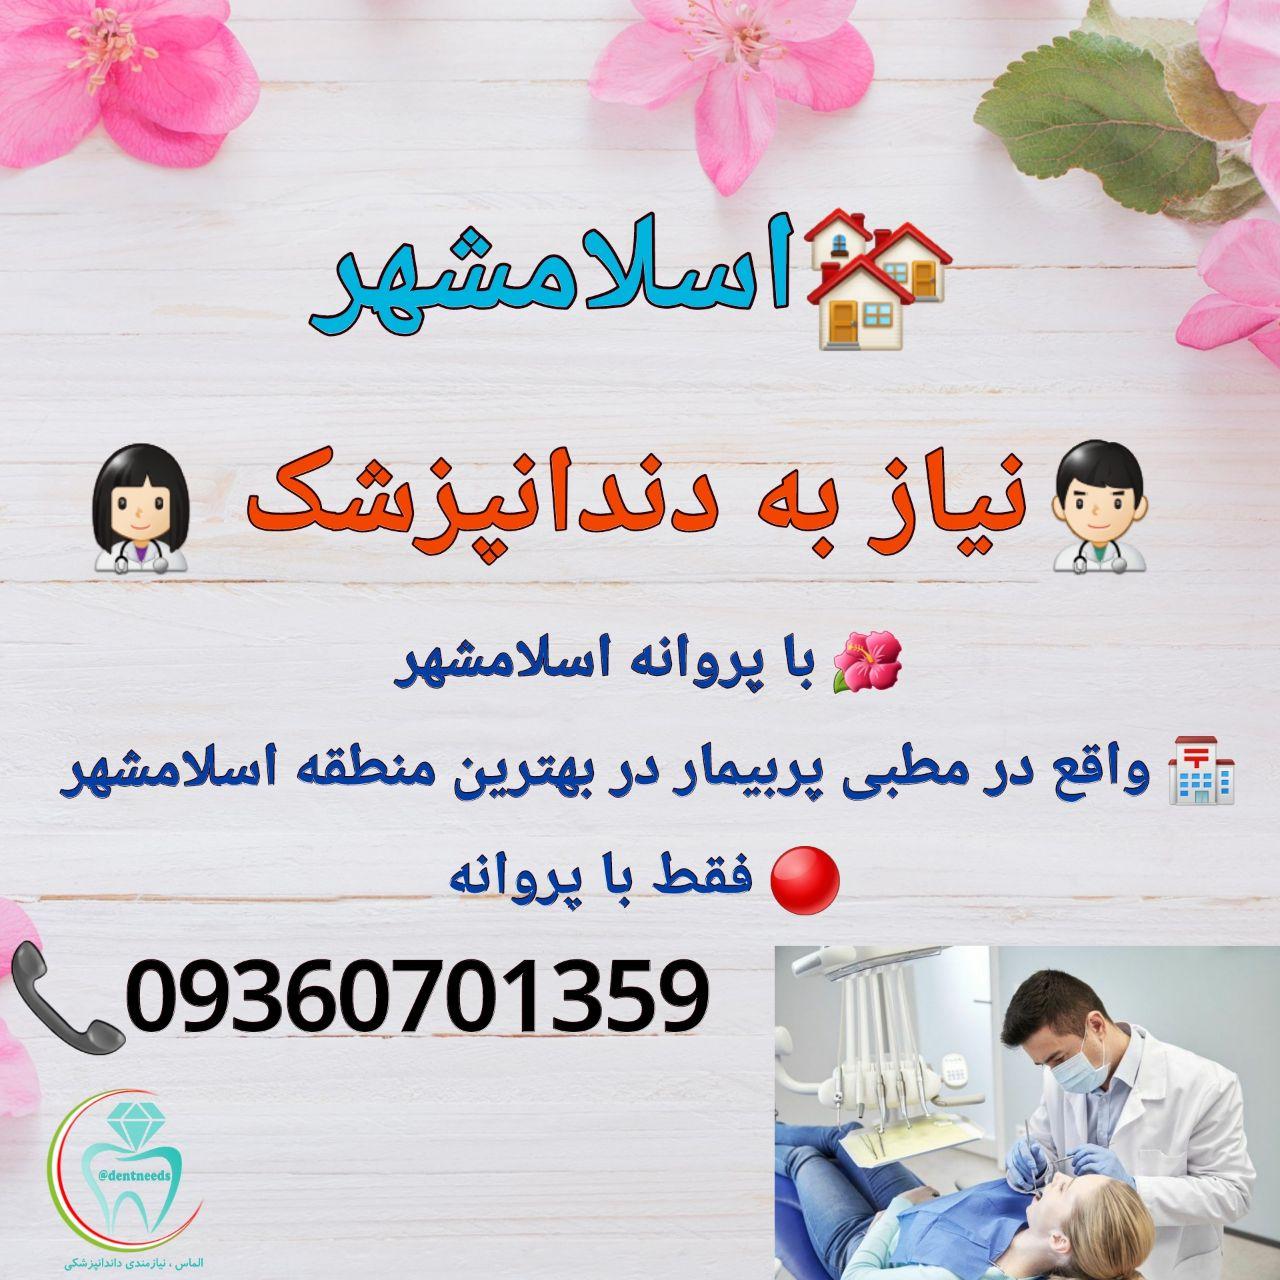 اسلامشهر ، نیاز به دندانپزشک